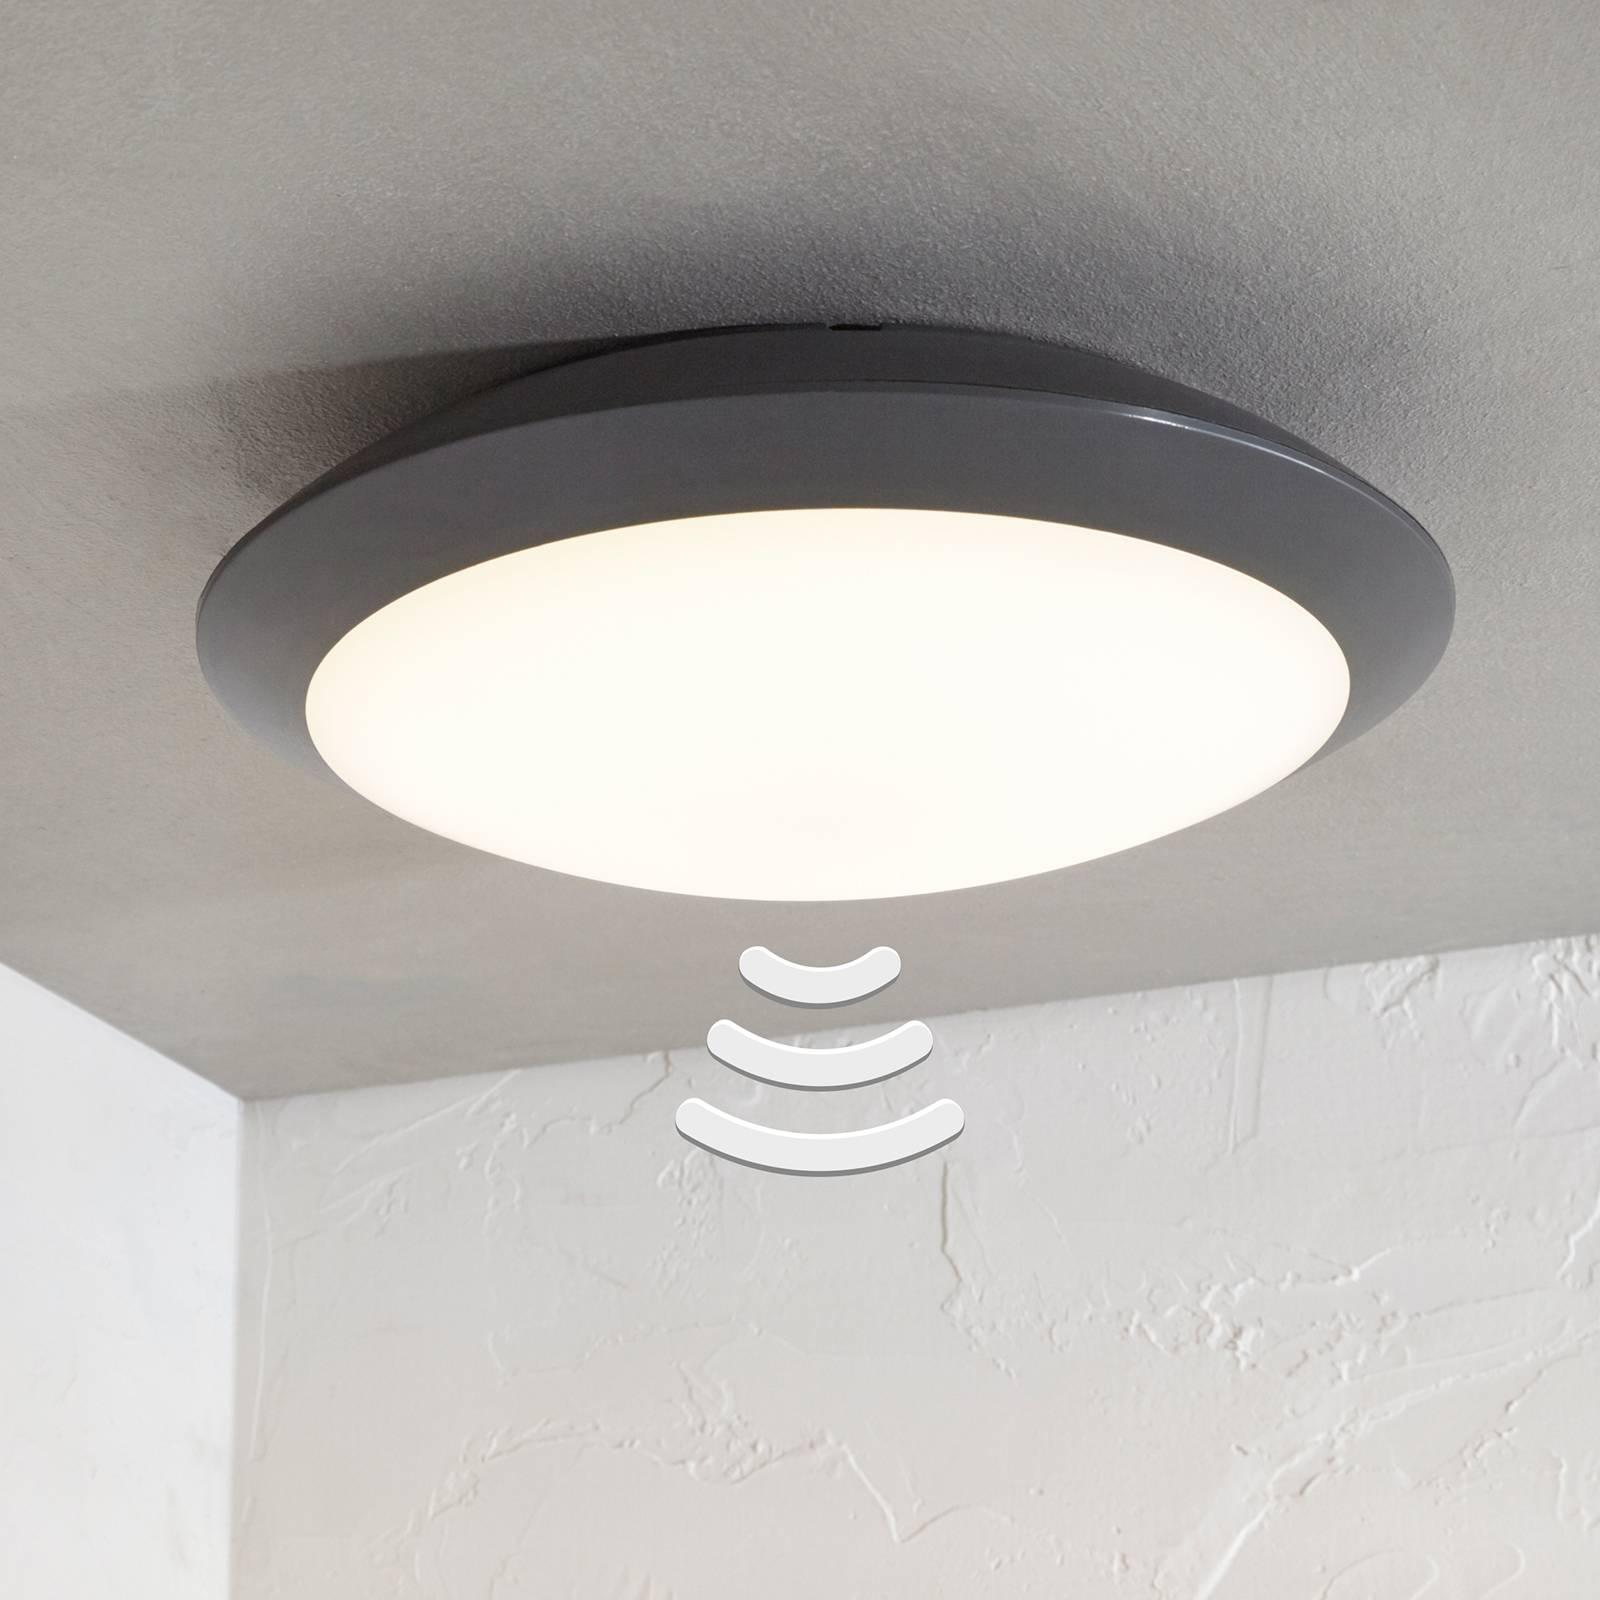 Lampa sufitowa zewn. LED Naira szara, z czujnikiem